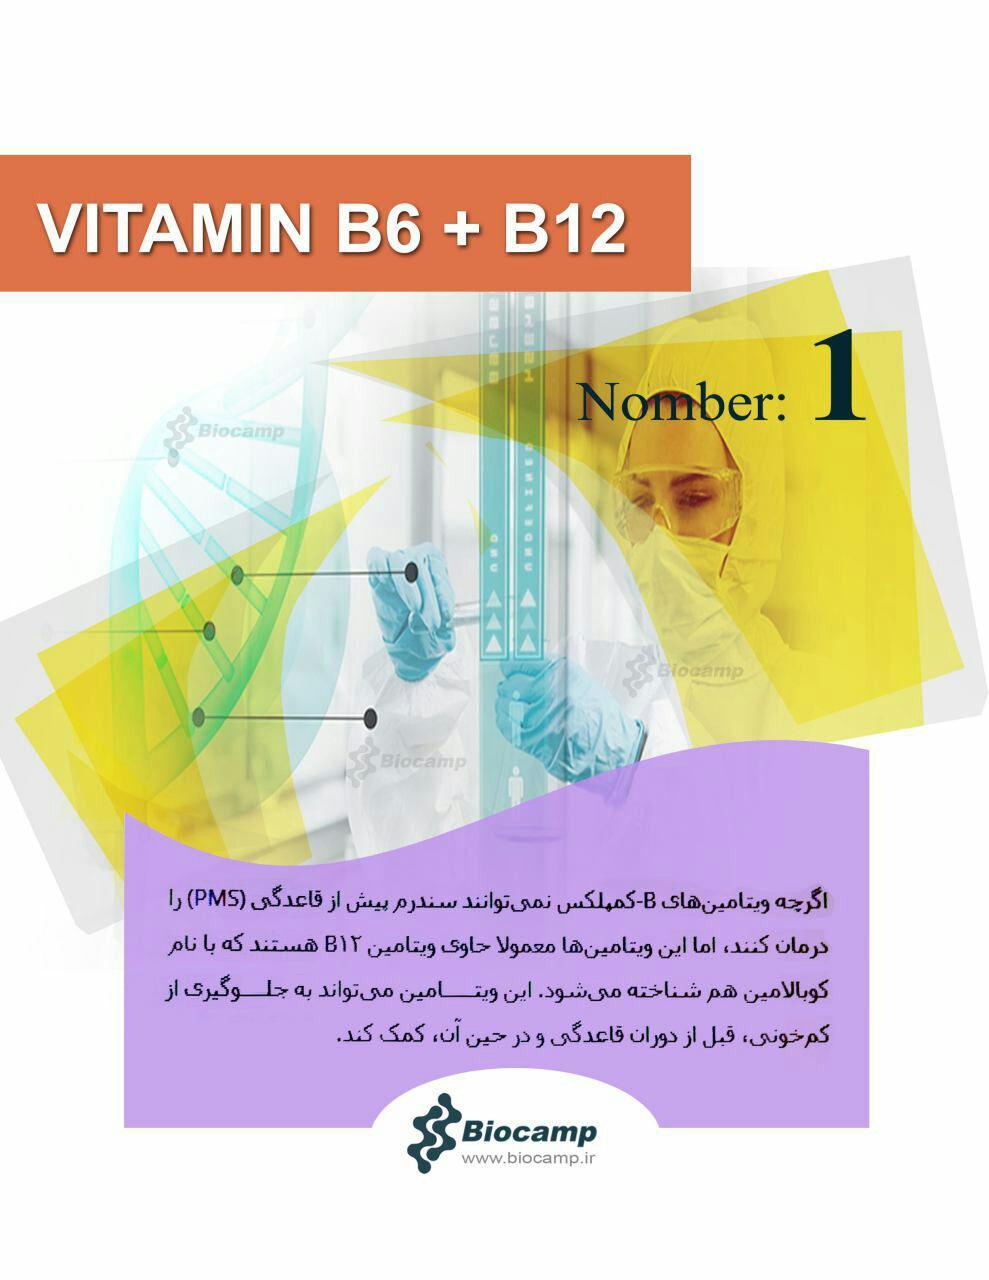 نقش ویتامین ها بر بدن نقش ویتامین های B6 و B12 بر بدن نقش ویتامین های B6 و B12 بر بدن photo 2016 10 03 23 08 26